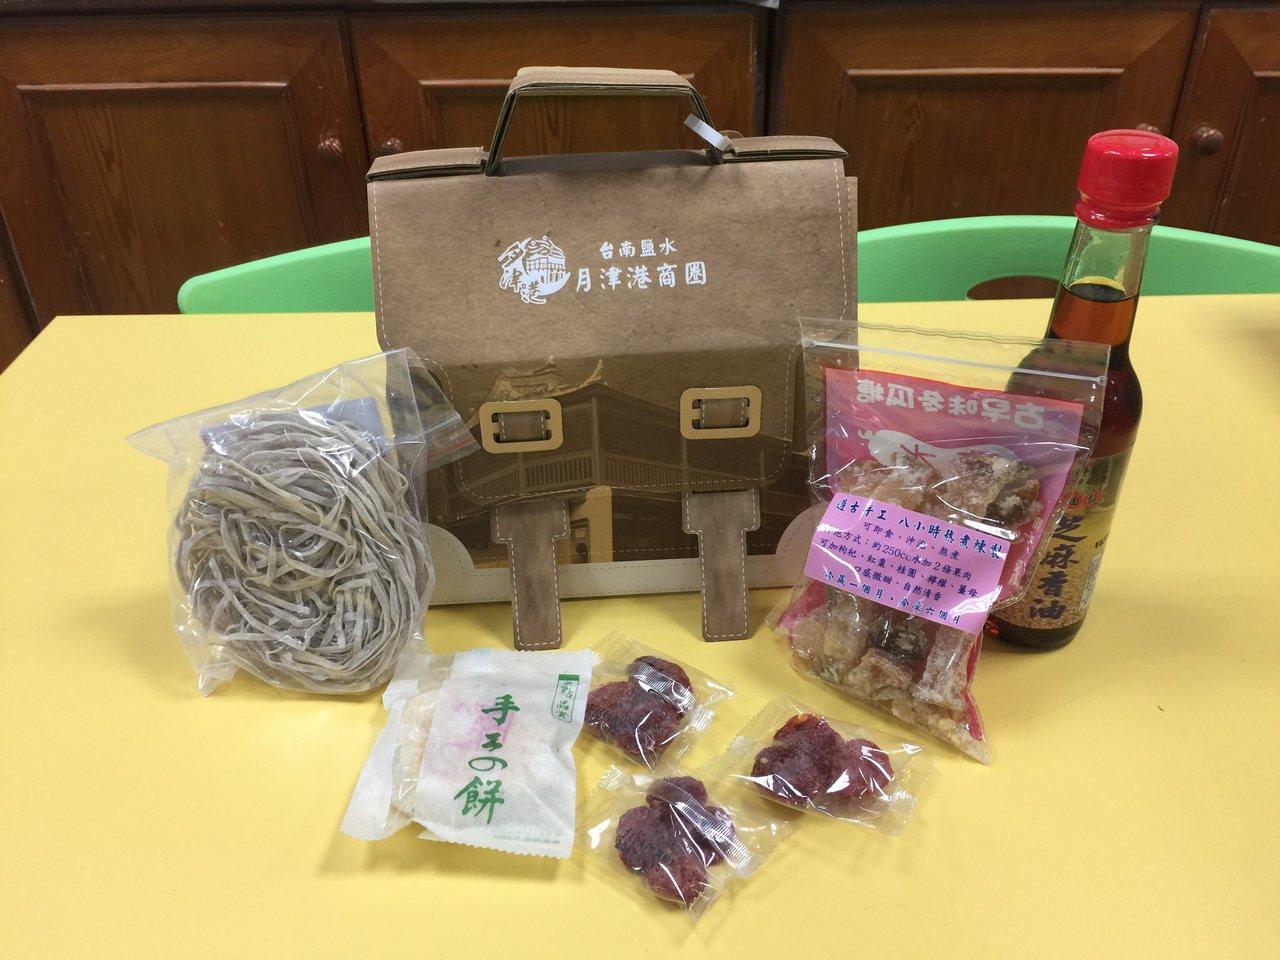 鹽水新五寶有意麵(左)、小漢餅、番茄乾、冬瓜糖、麻油。記者吳政修/攝影